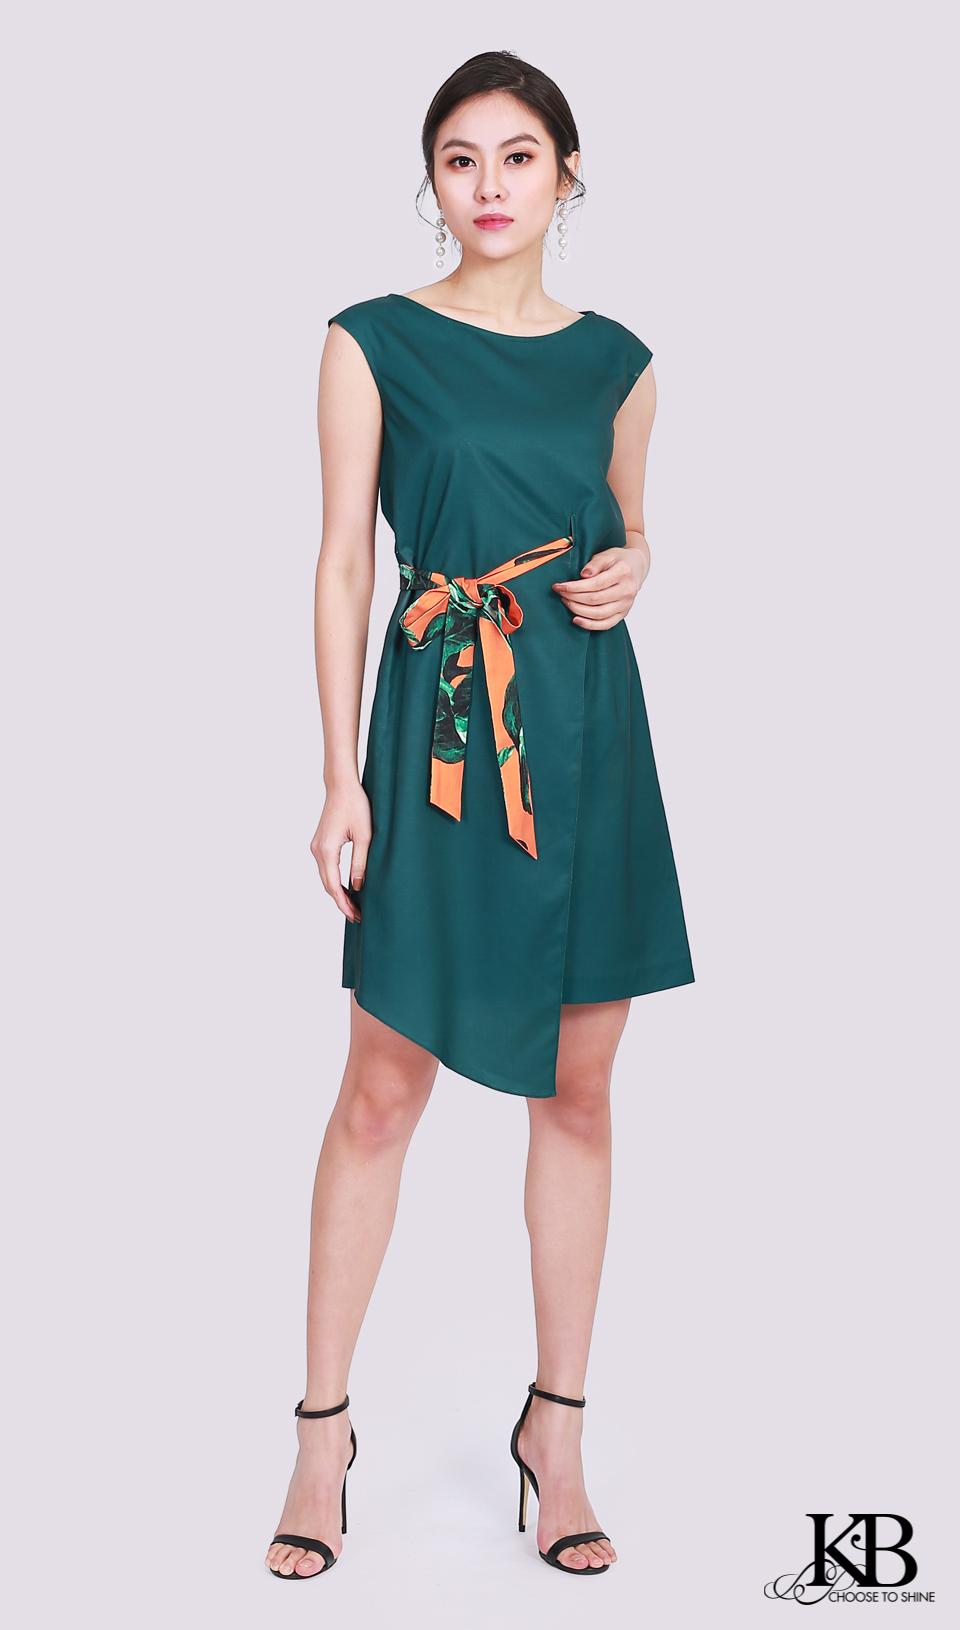 Đầm đai eo sườn nơ